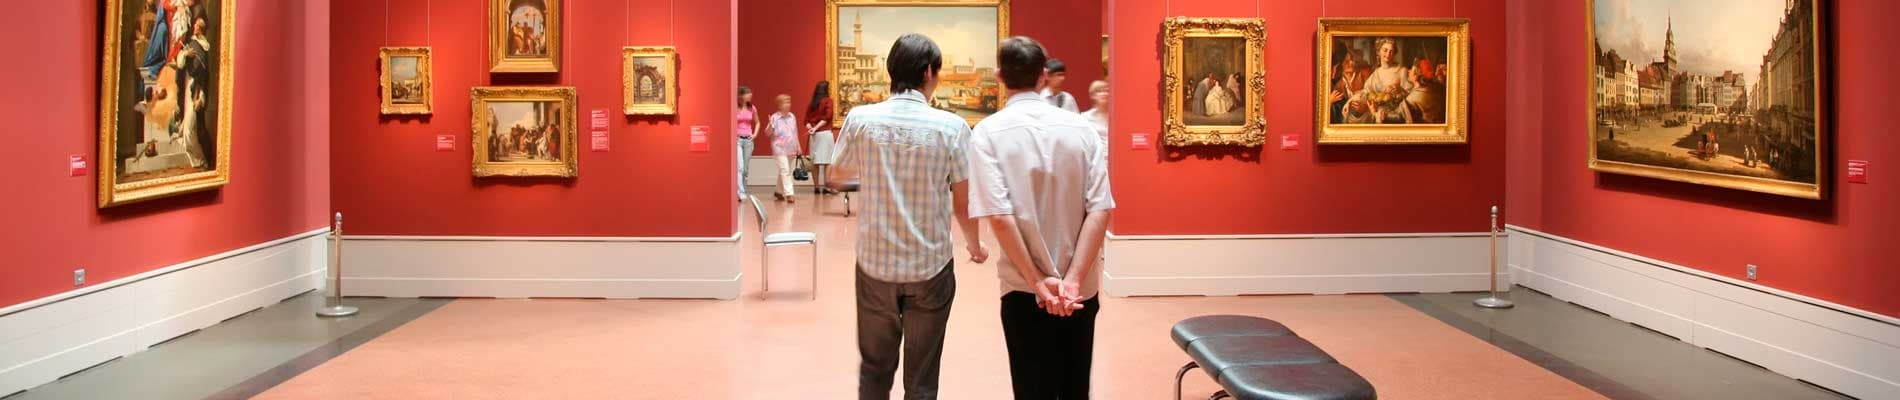 Història, arqueologia i història de l'art